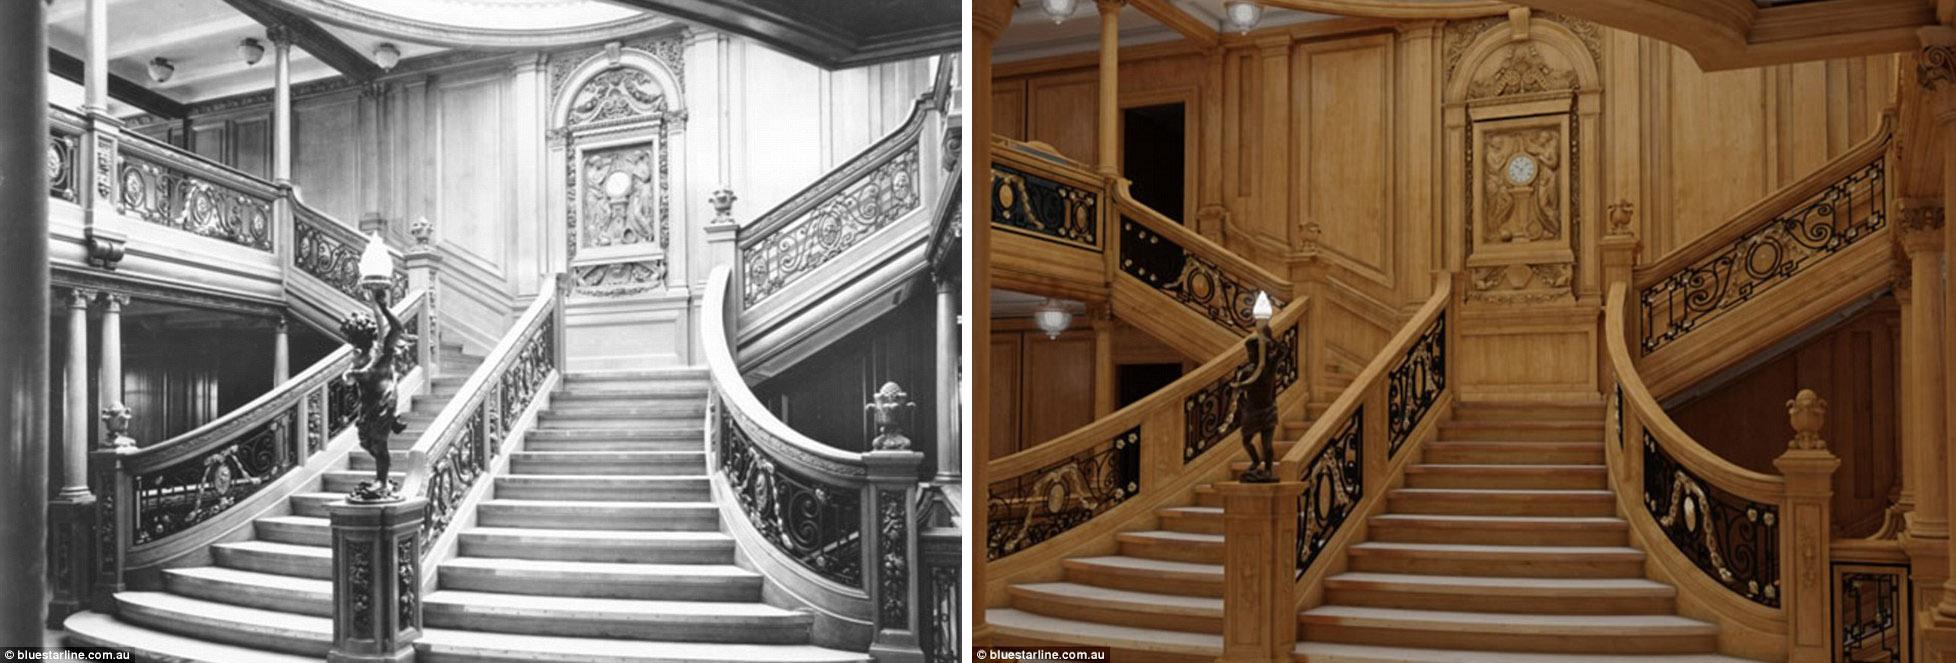 Titanic sẽ sớm được quay trở lại sau hơn một thế kỷ biến mất - Ảnh 3.